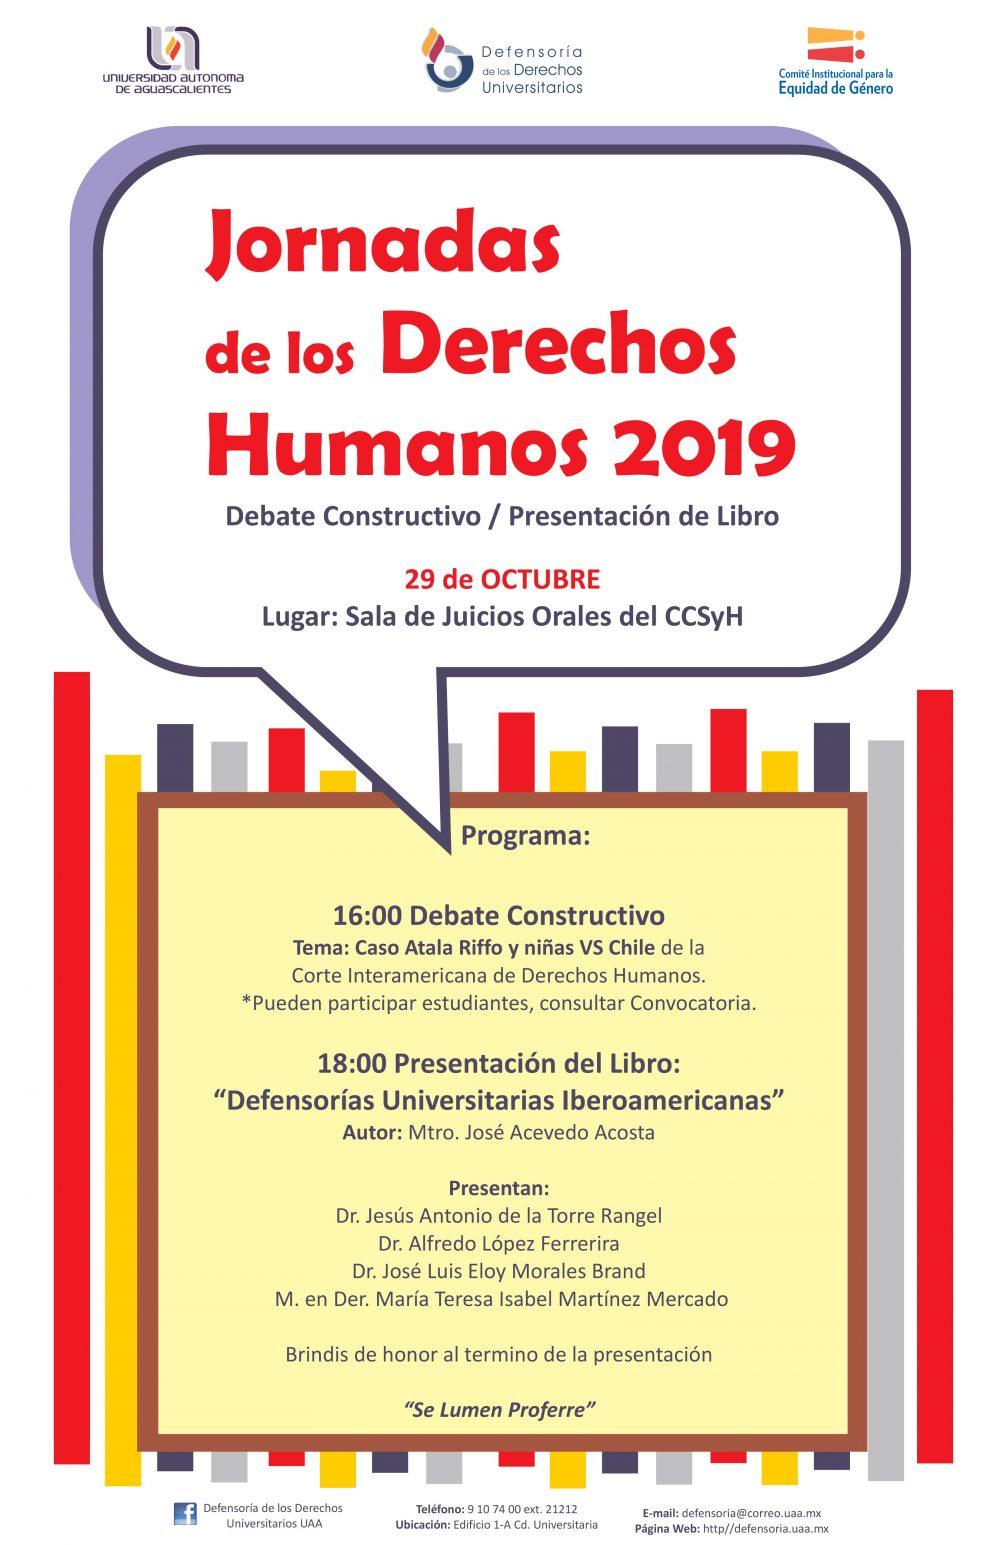 Jornadas de Derechos Humanos 2019